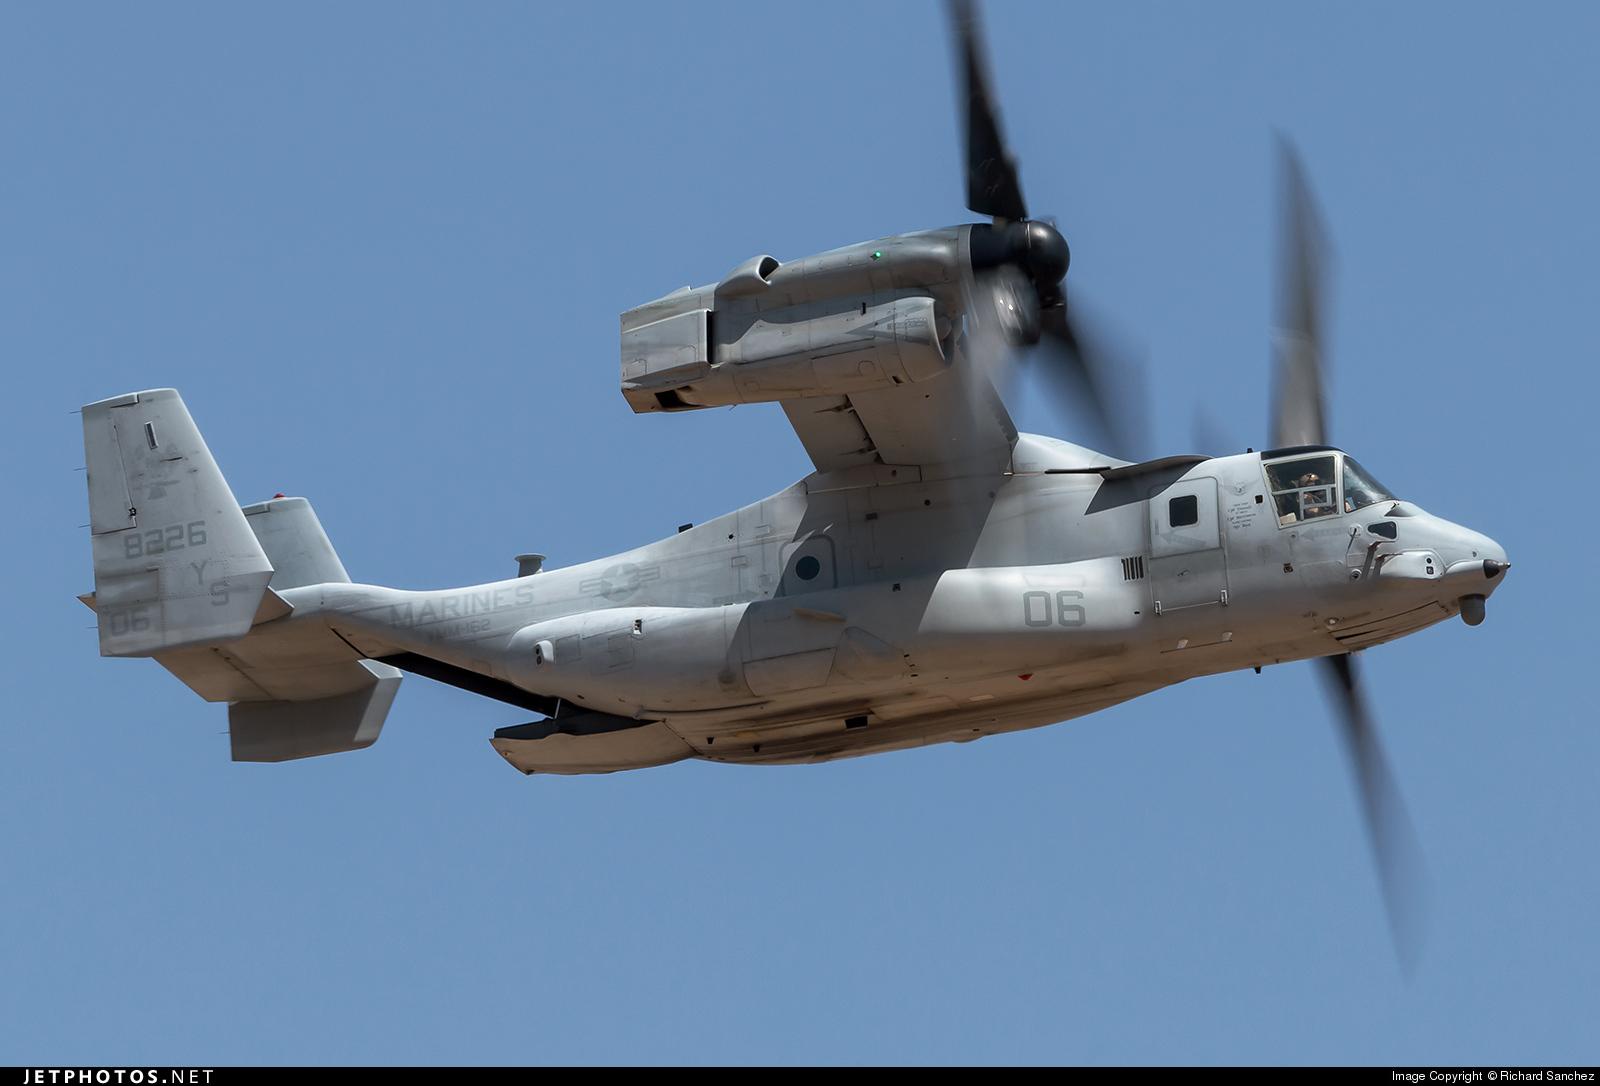 168226 - Boeing MV-22B Osprey - United States - US Marine Corps (USMC)